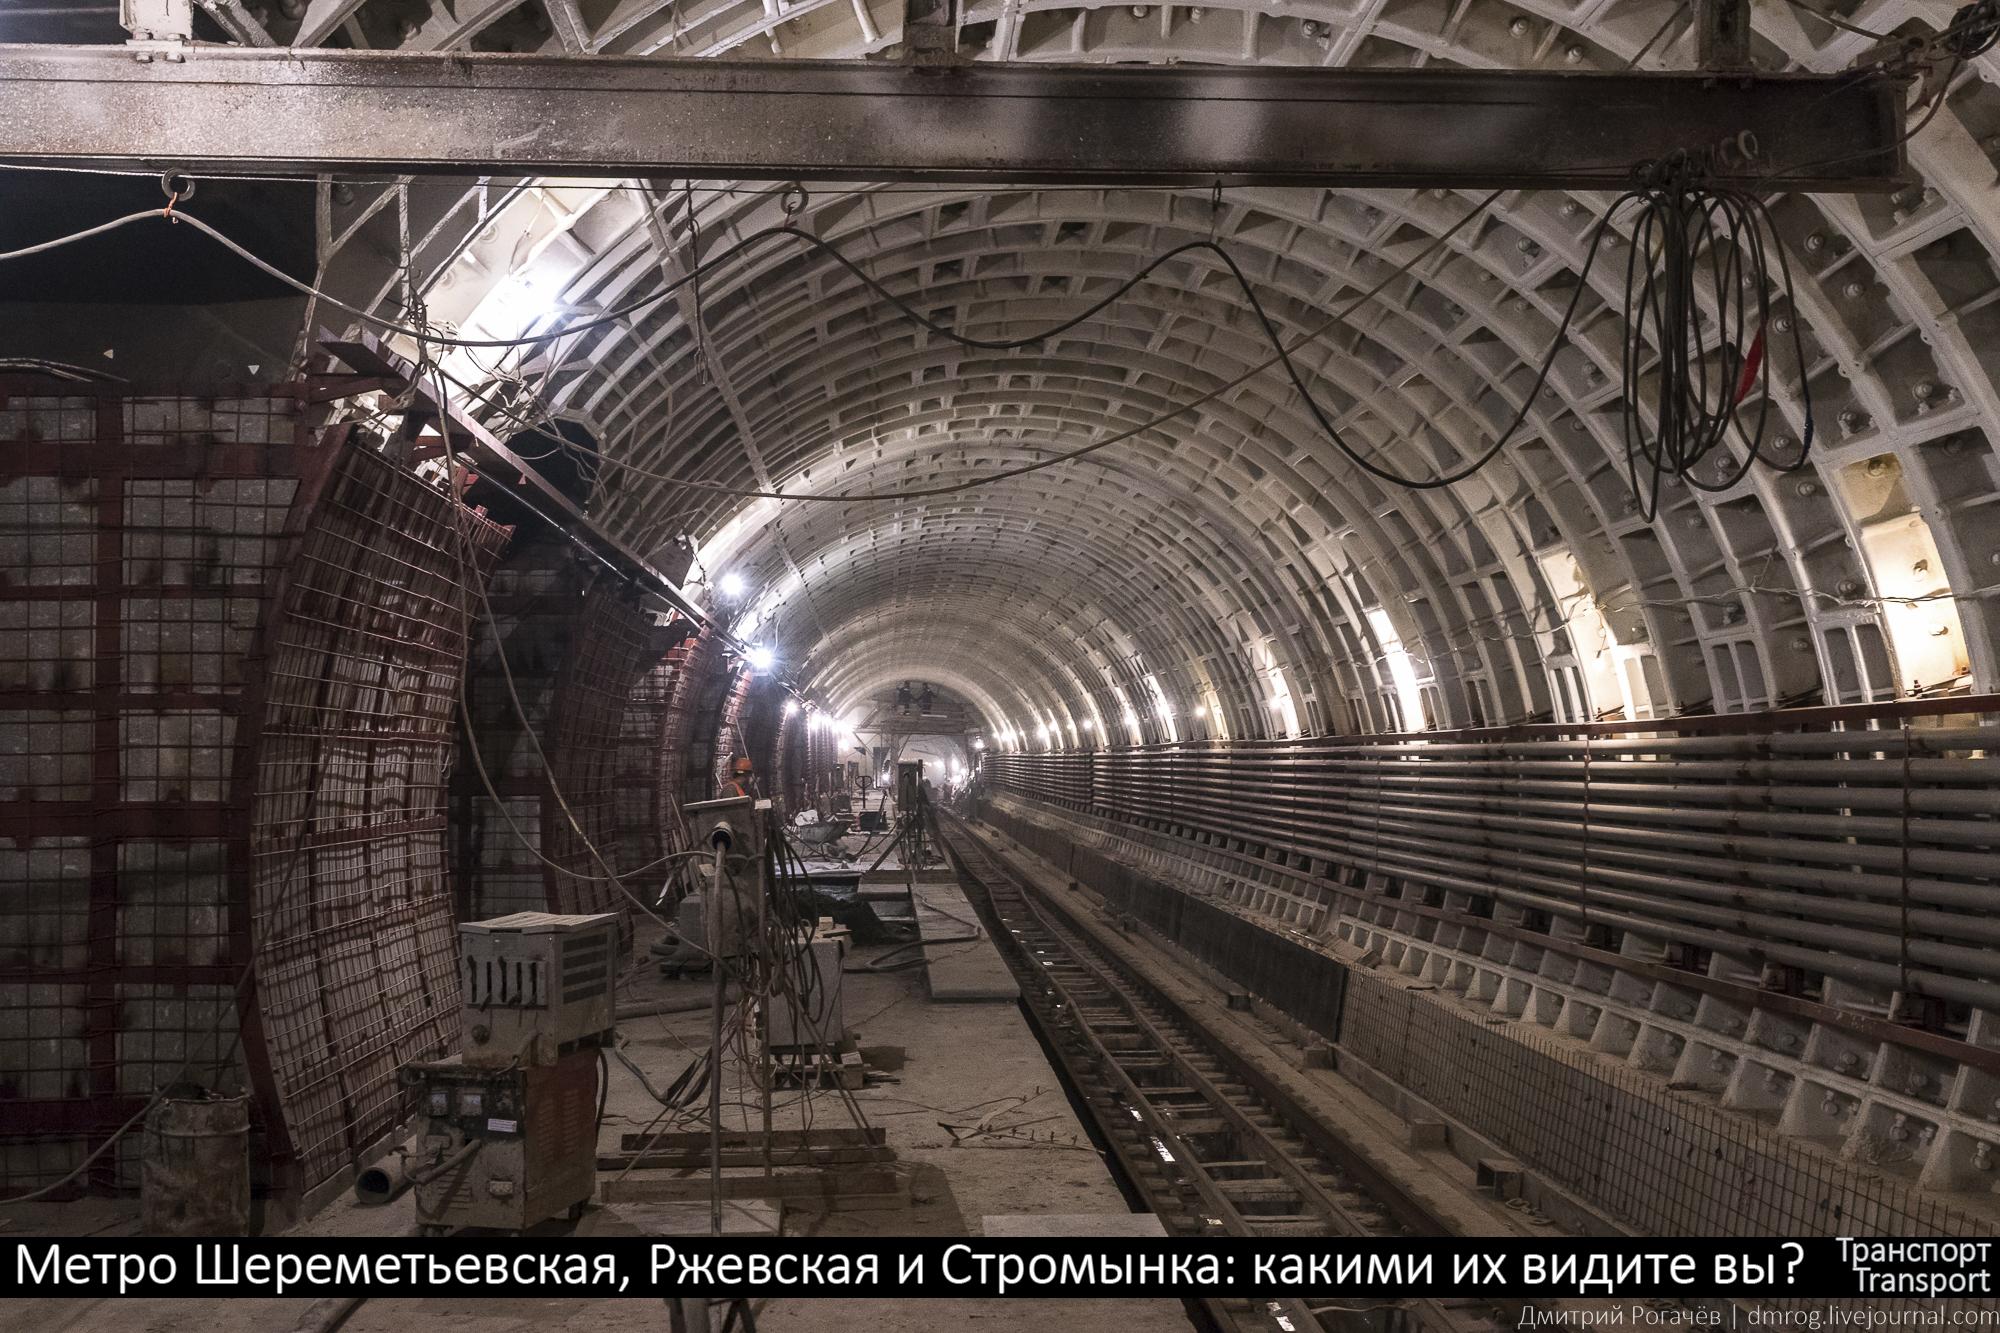 Метро Шереметьевская, Ржевская и Стромынка: какими их видите вы?